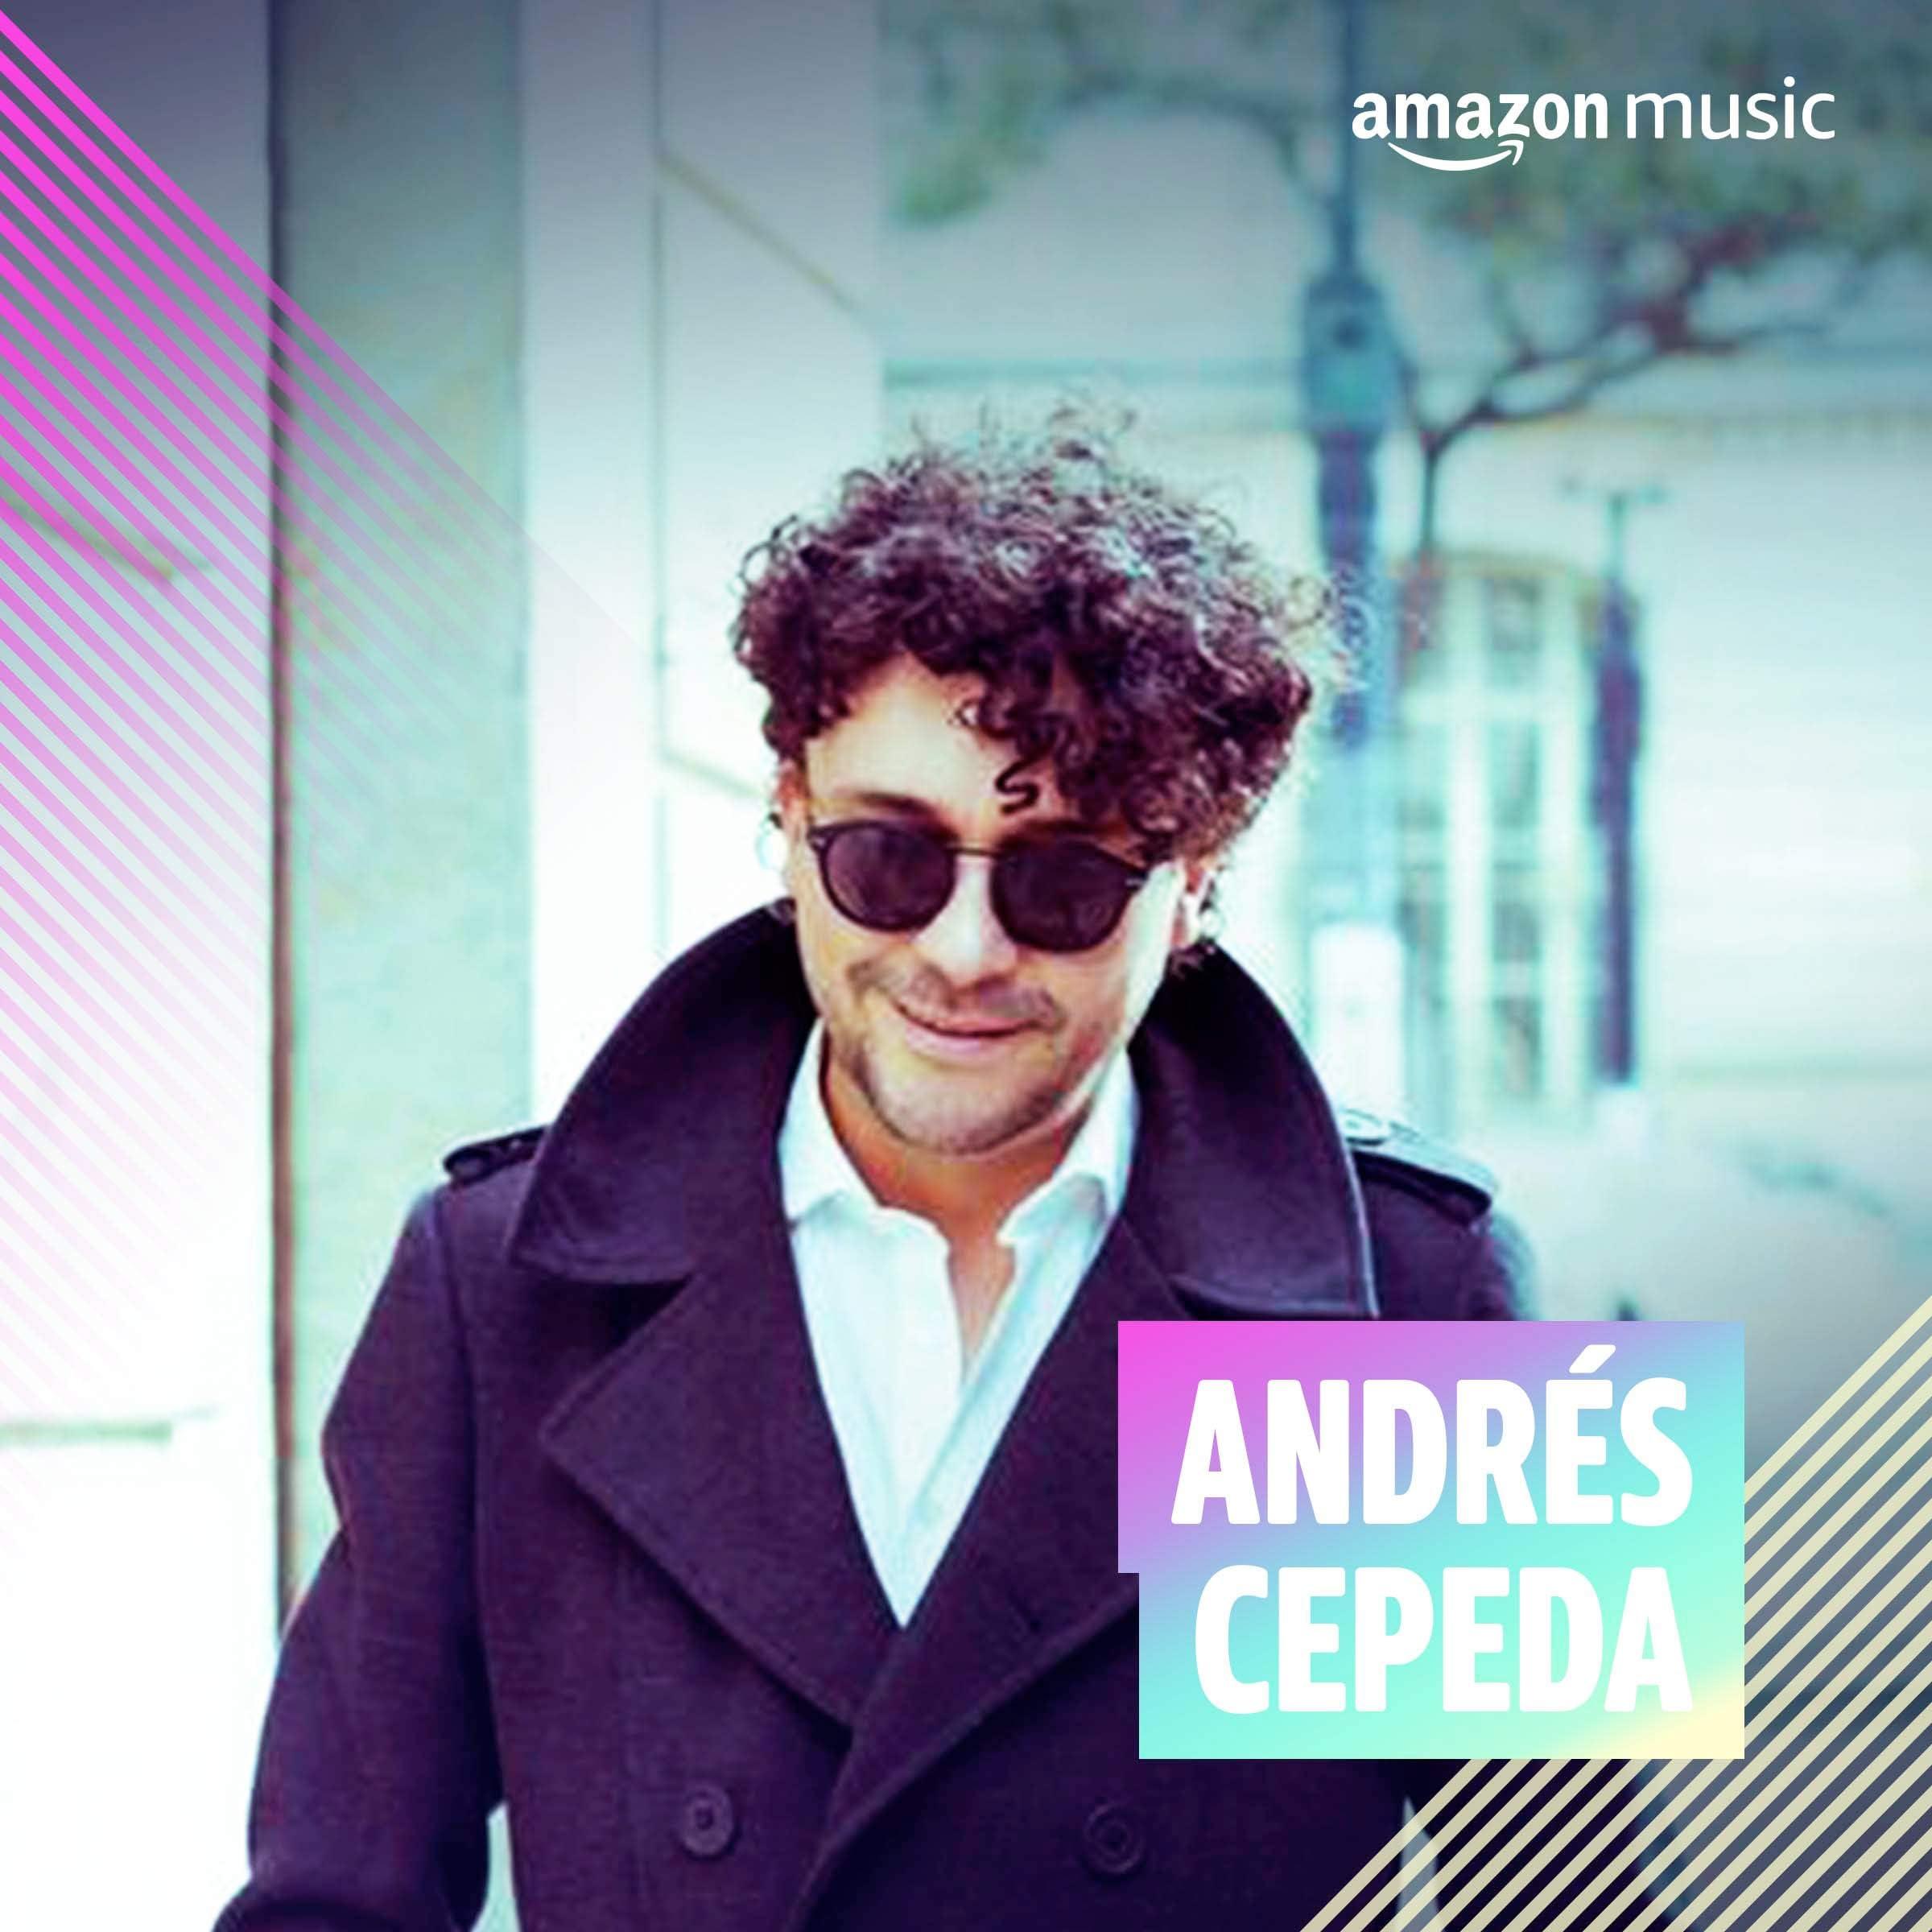 Andrés Cepeda